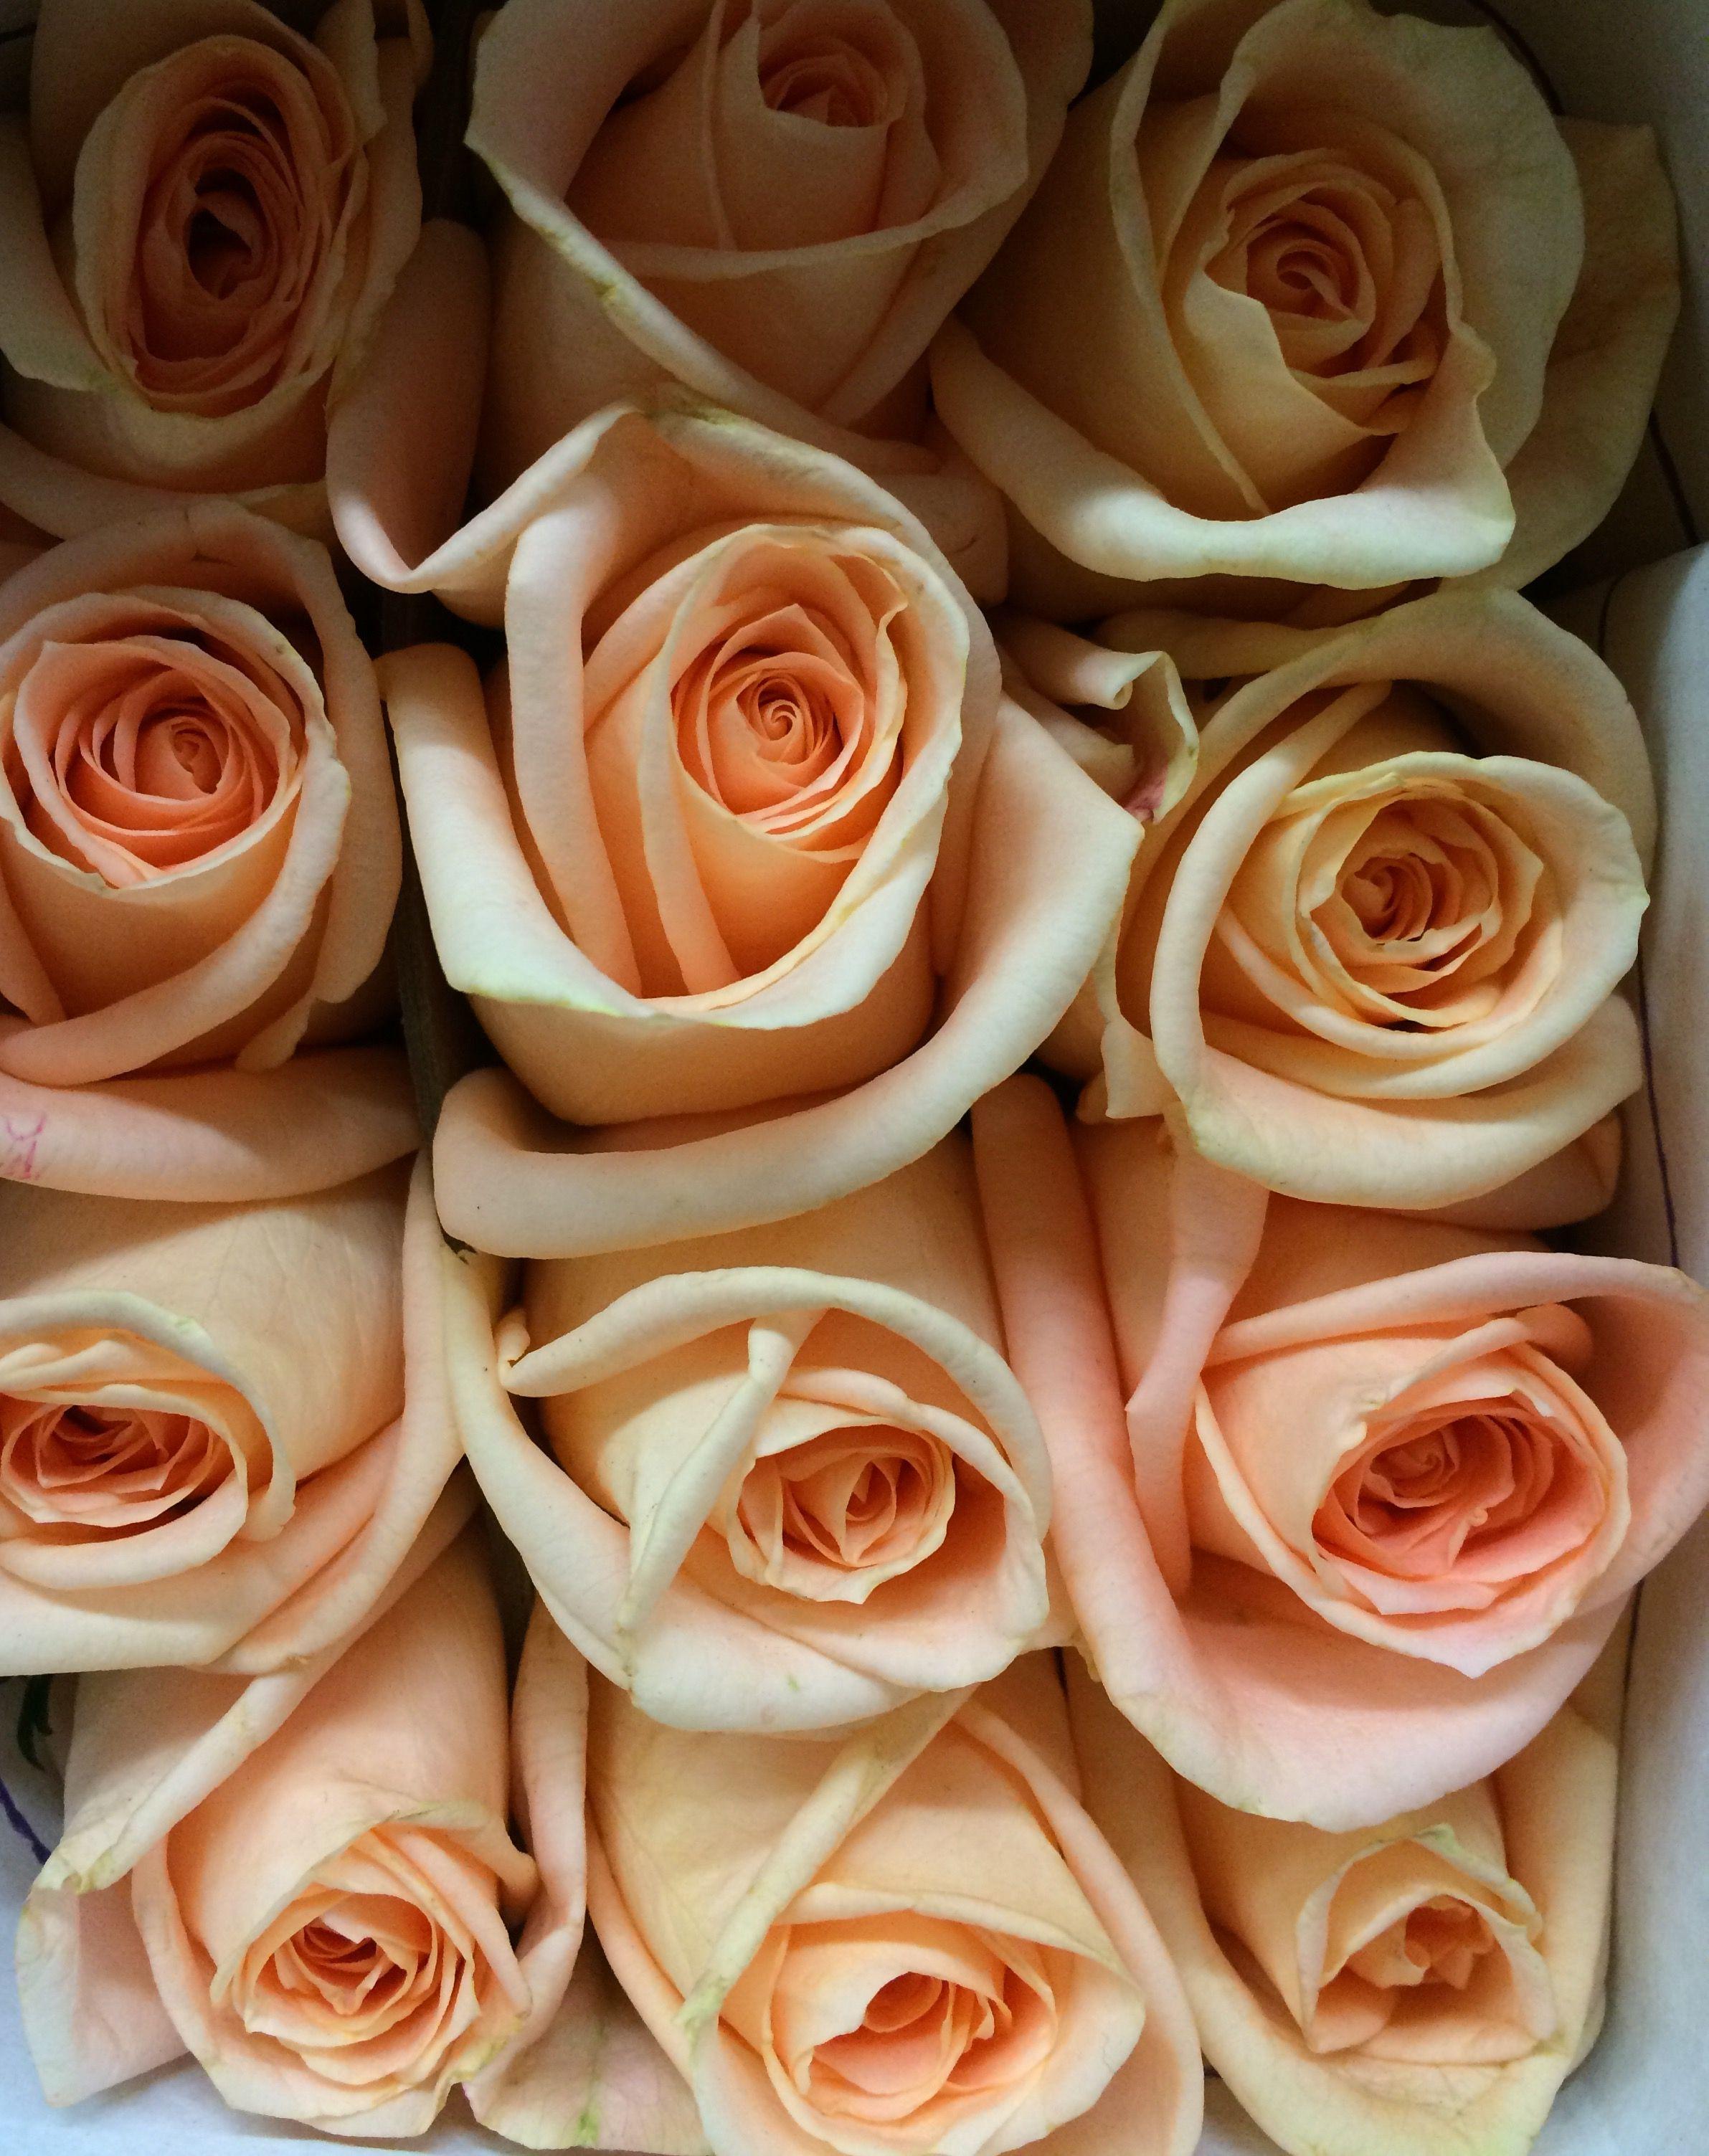 Home bulk roses peach roses - Osiana Roses All Year